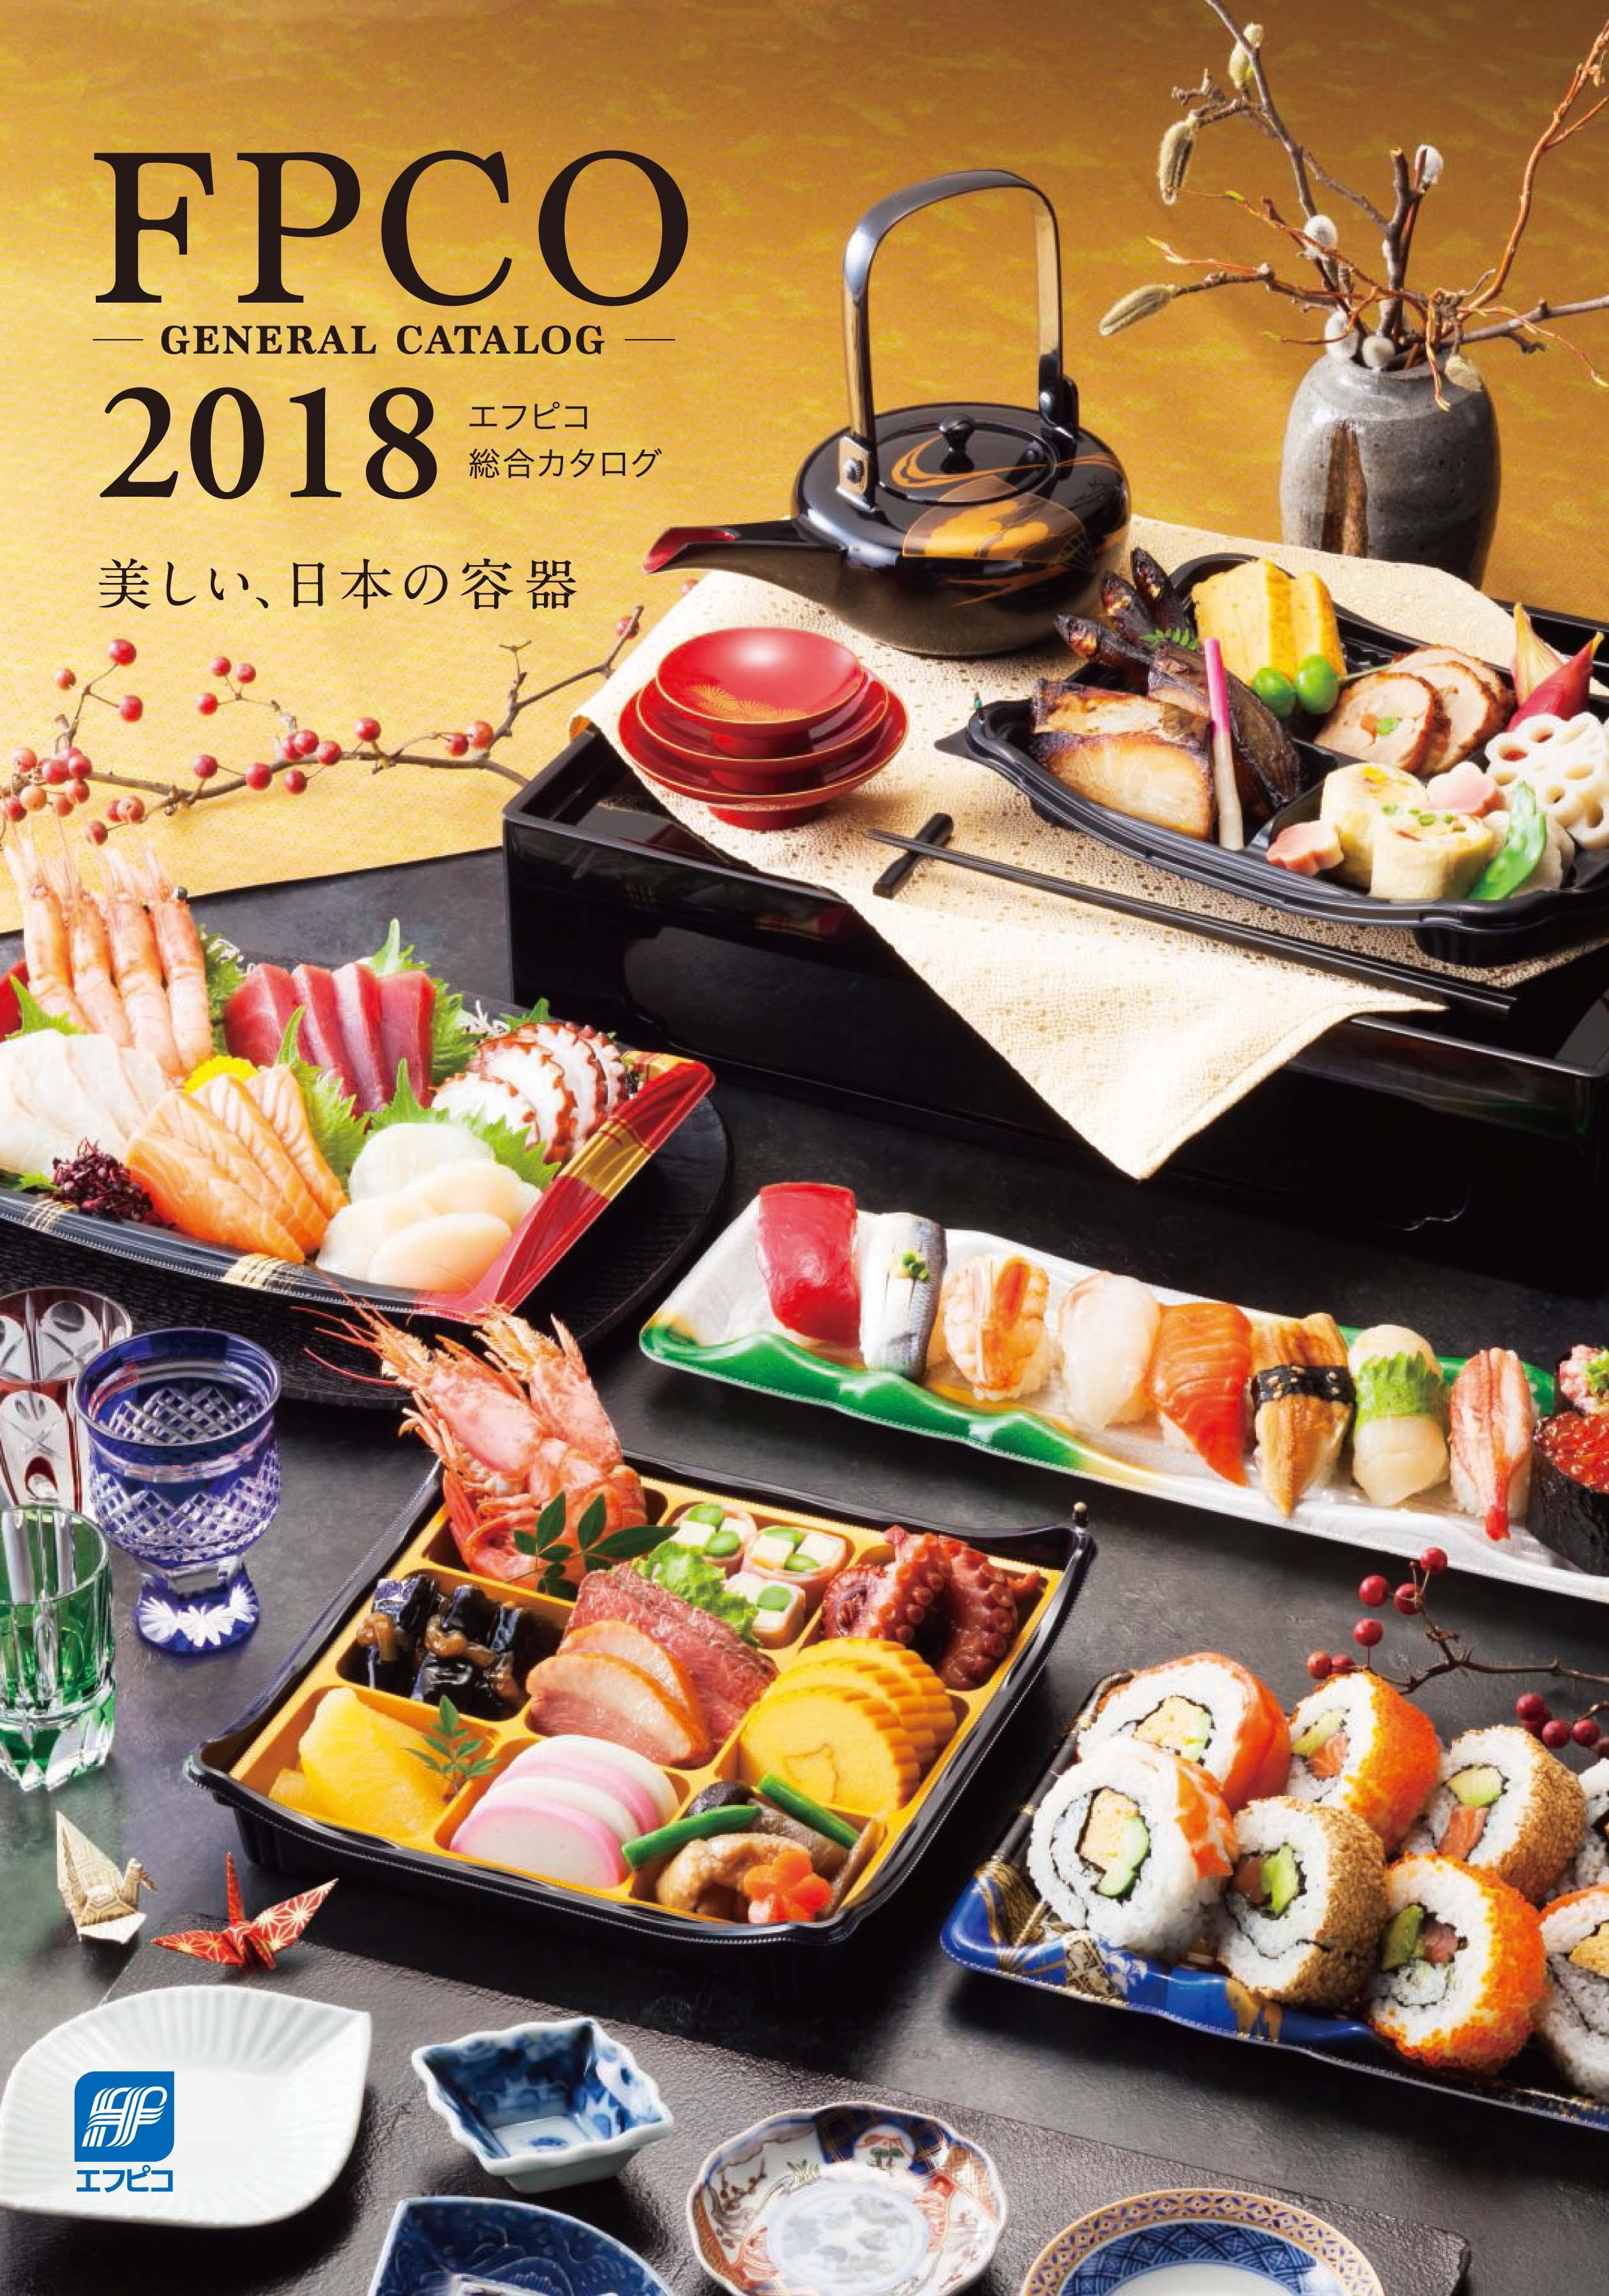 【製品カタログ】総合カタログ2018